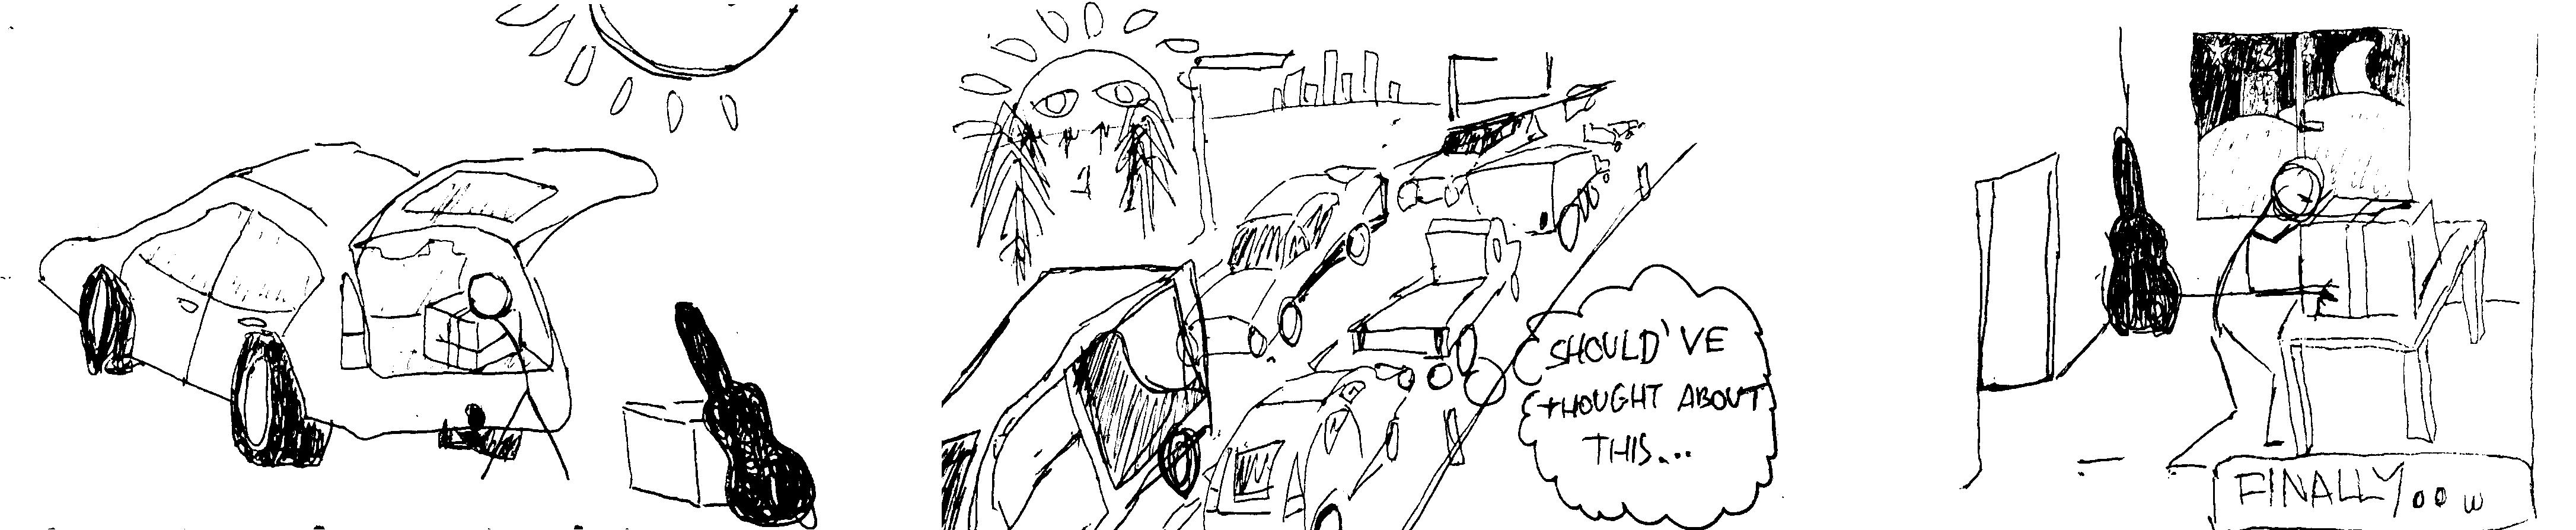 Illustration for synchronous blocking I/O